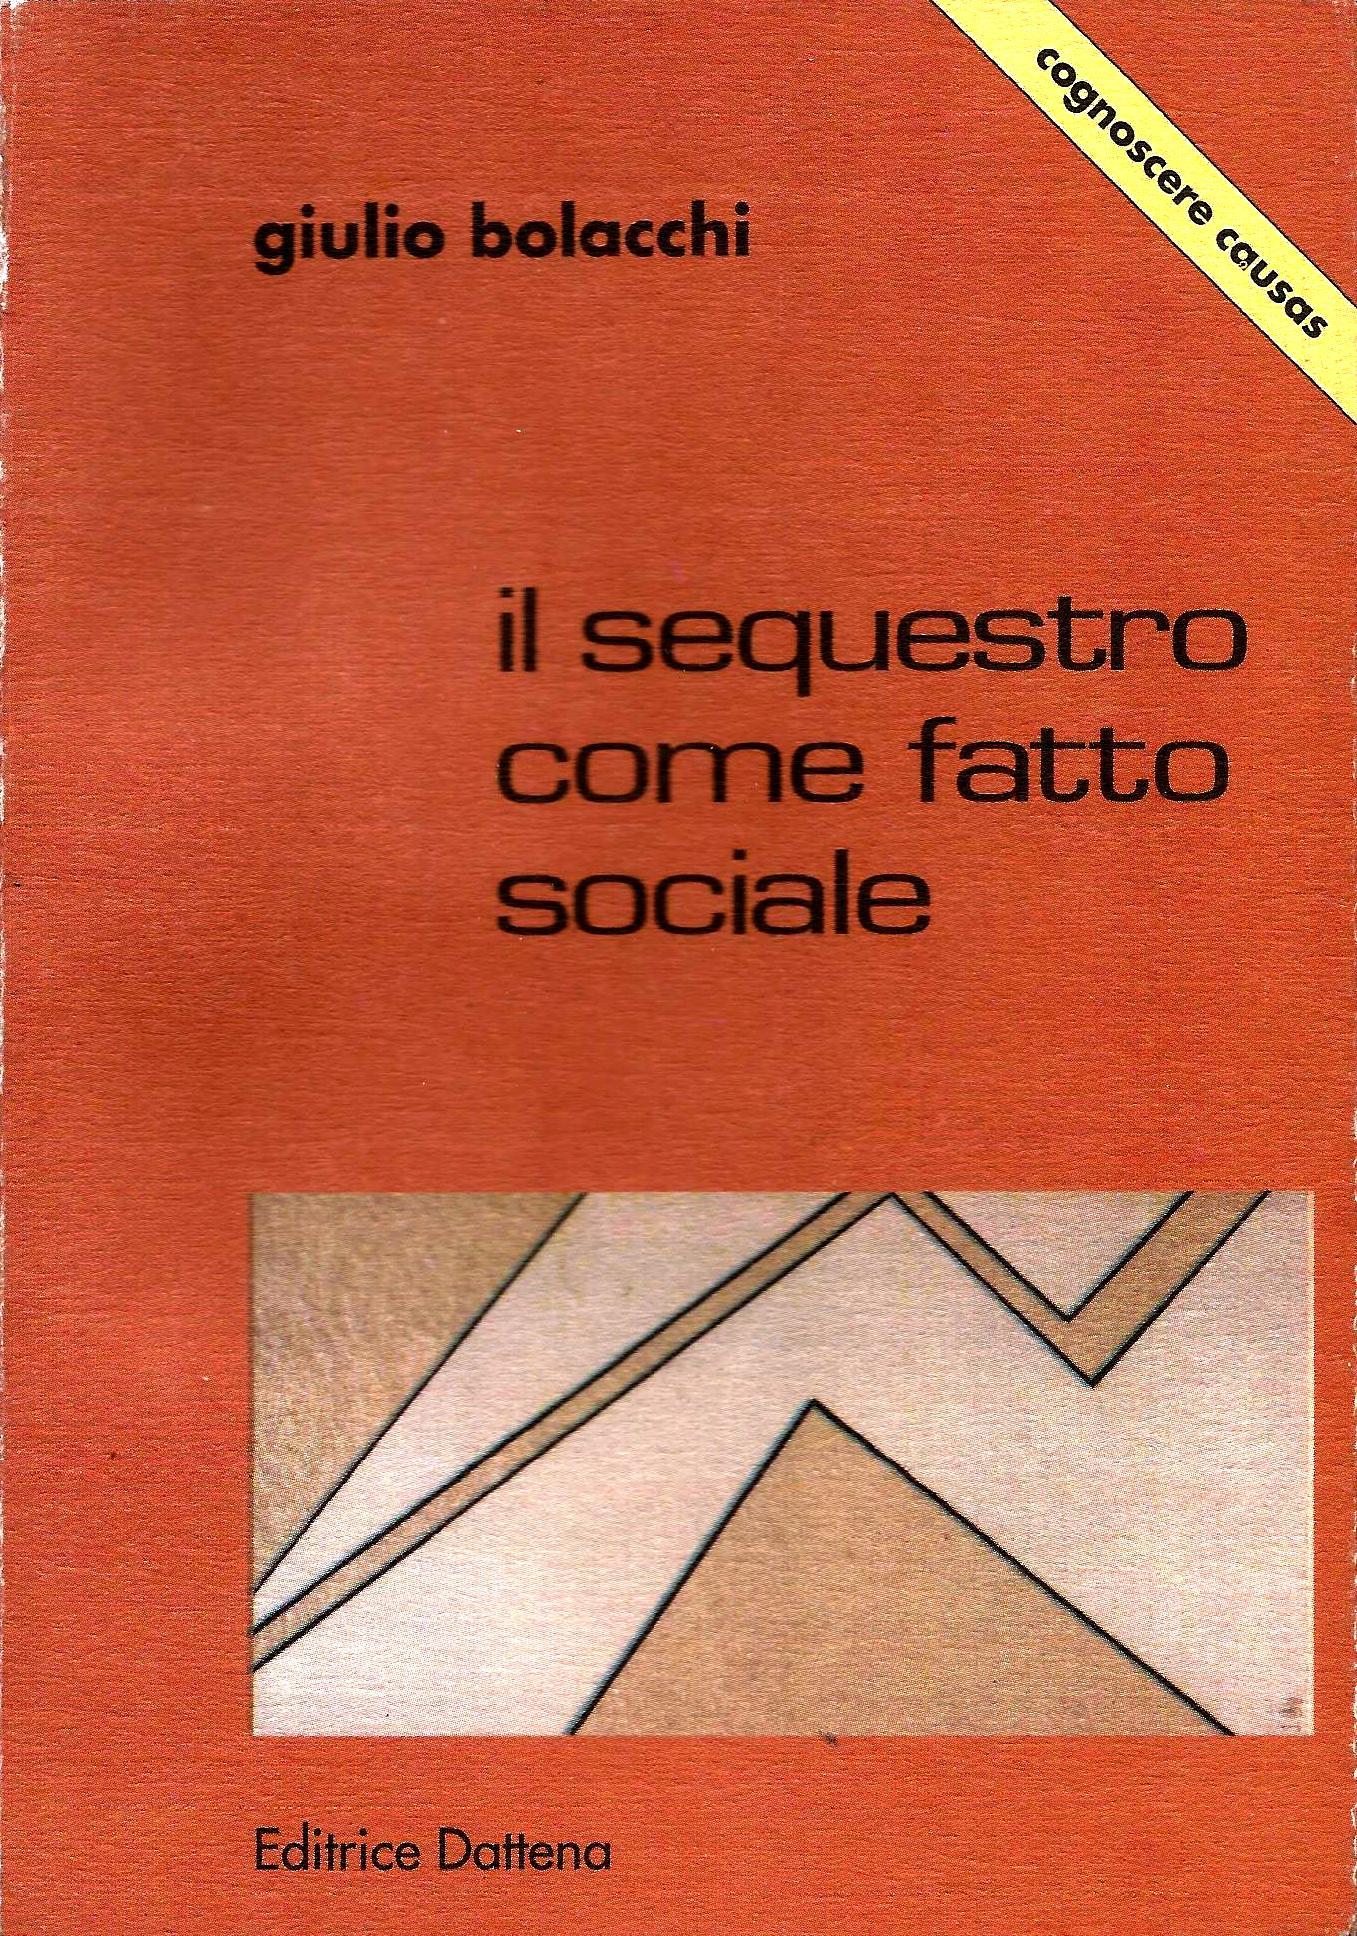 G. Bolacchi, Il sequestro come fatto sociale, Editrice Dattena, Cagliari, 1998